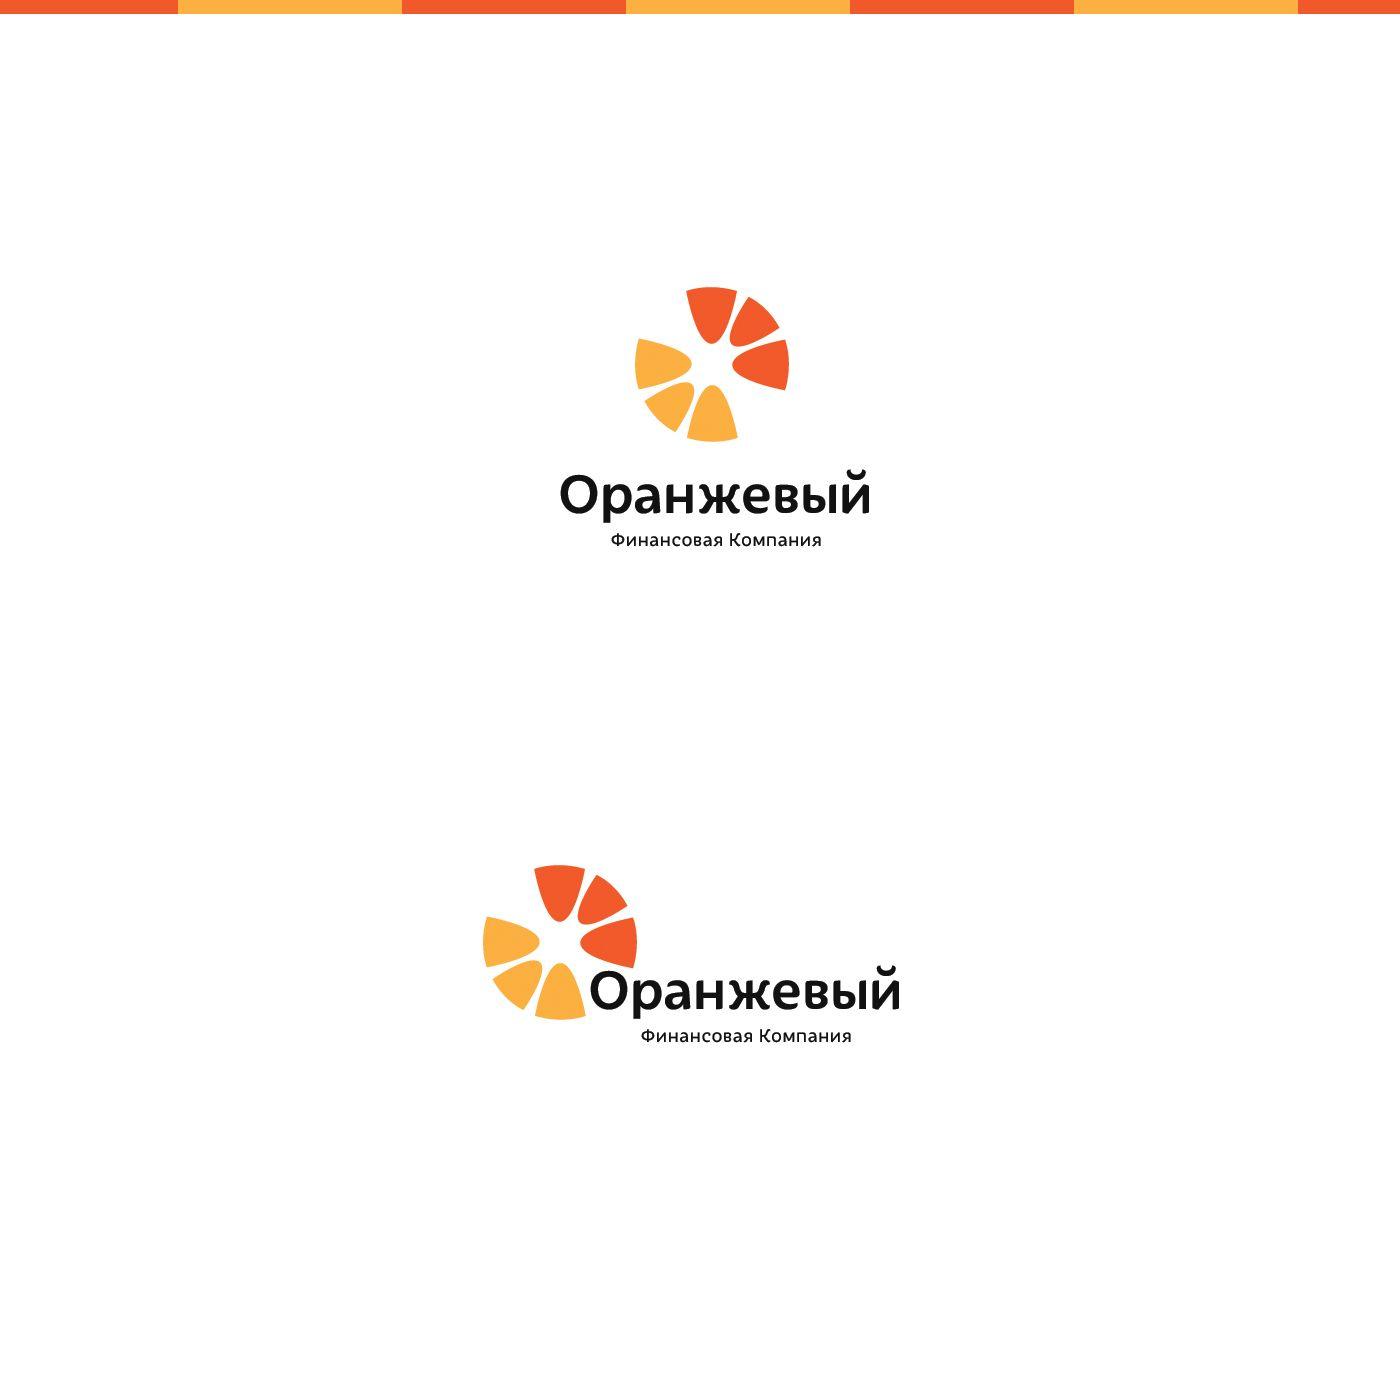 Логотип Финансовой Организации - дизайнер benks